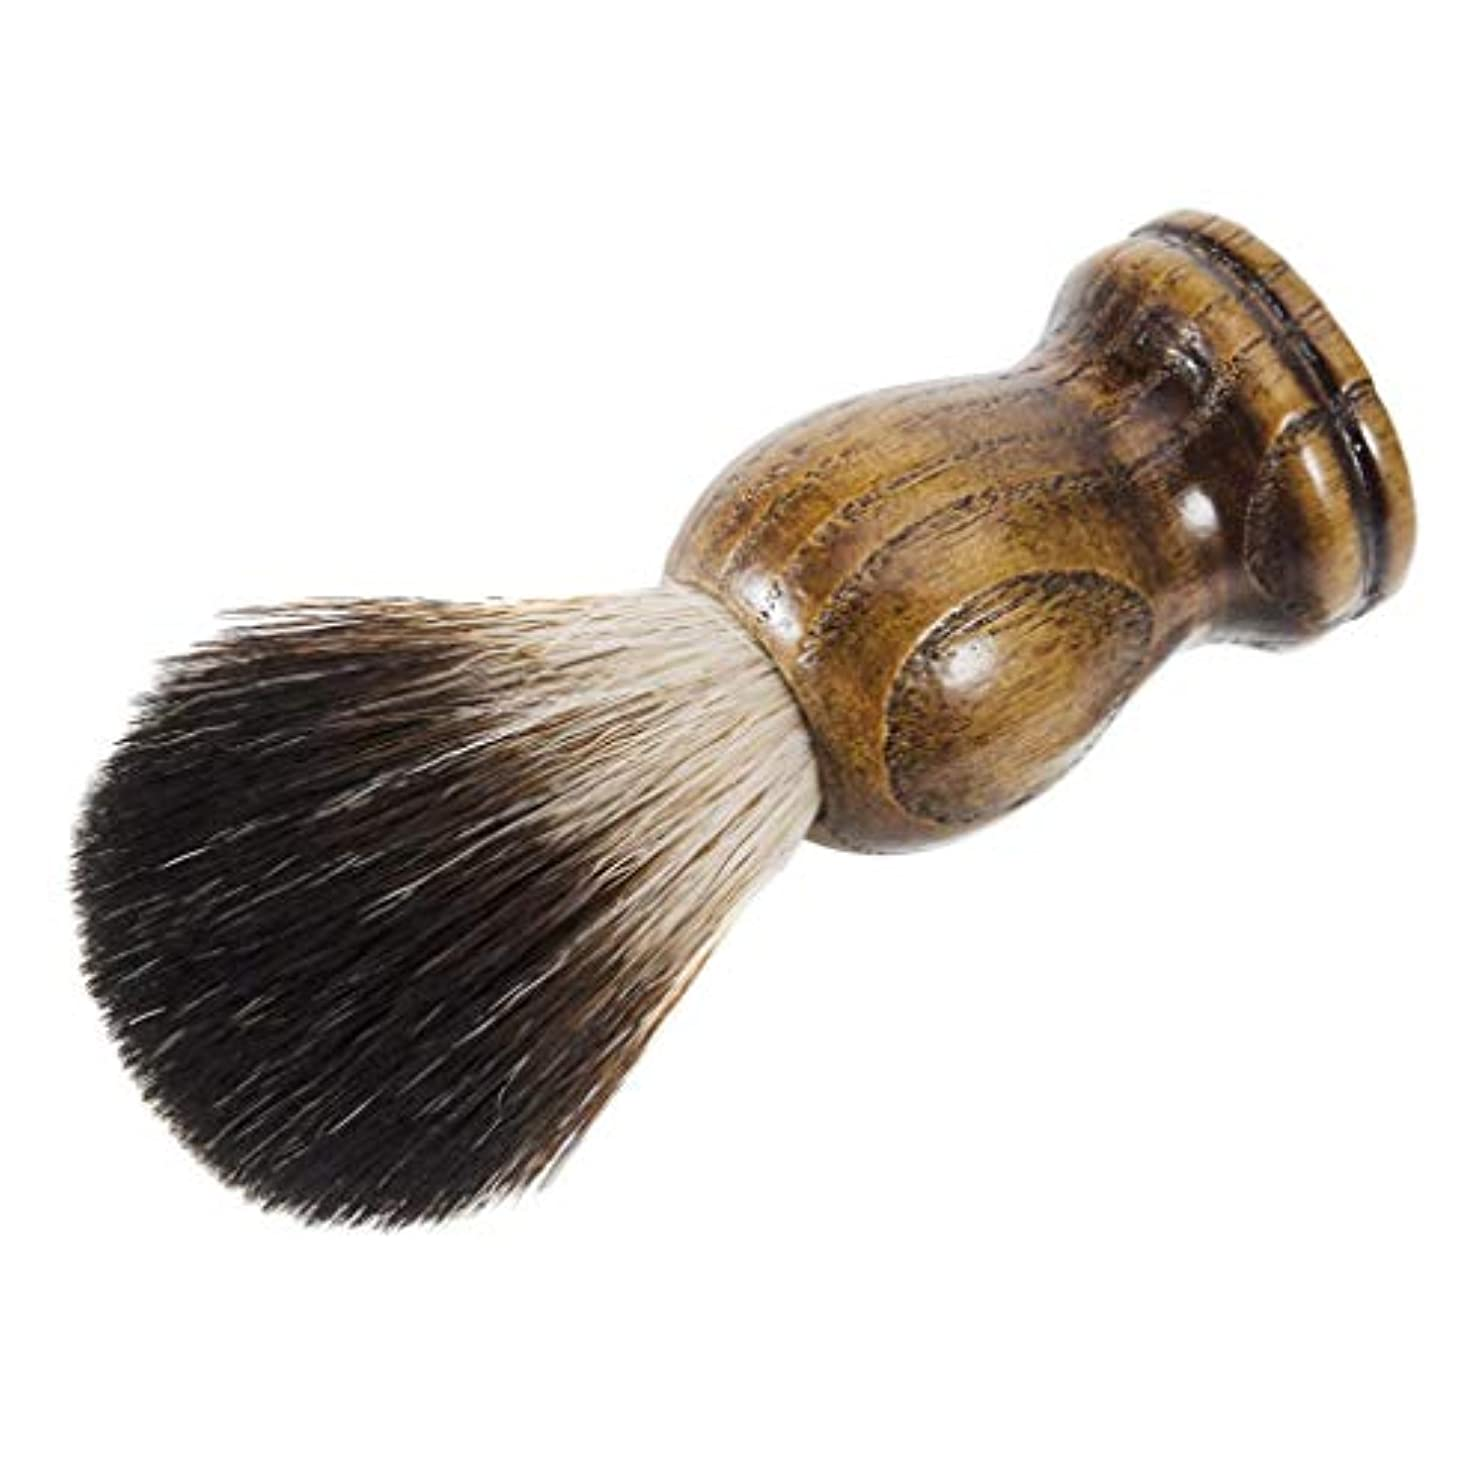 年金受給者エレガント抗議ひげブラシ シェービング ブラシ メンズ 理容 洗顔 髭剃り 泡立ち 父の日 贈り物